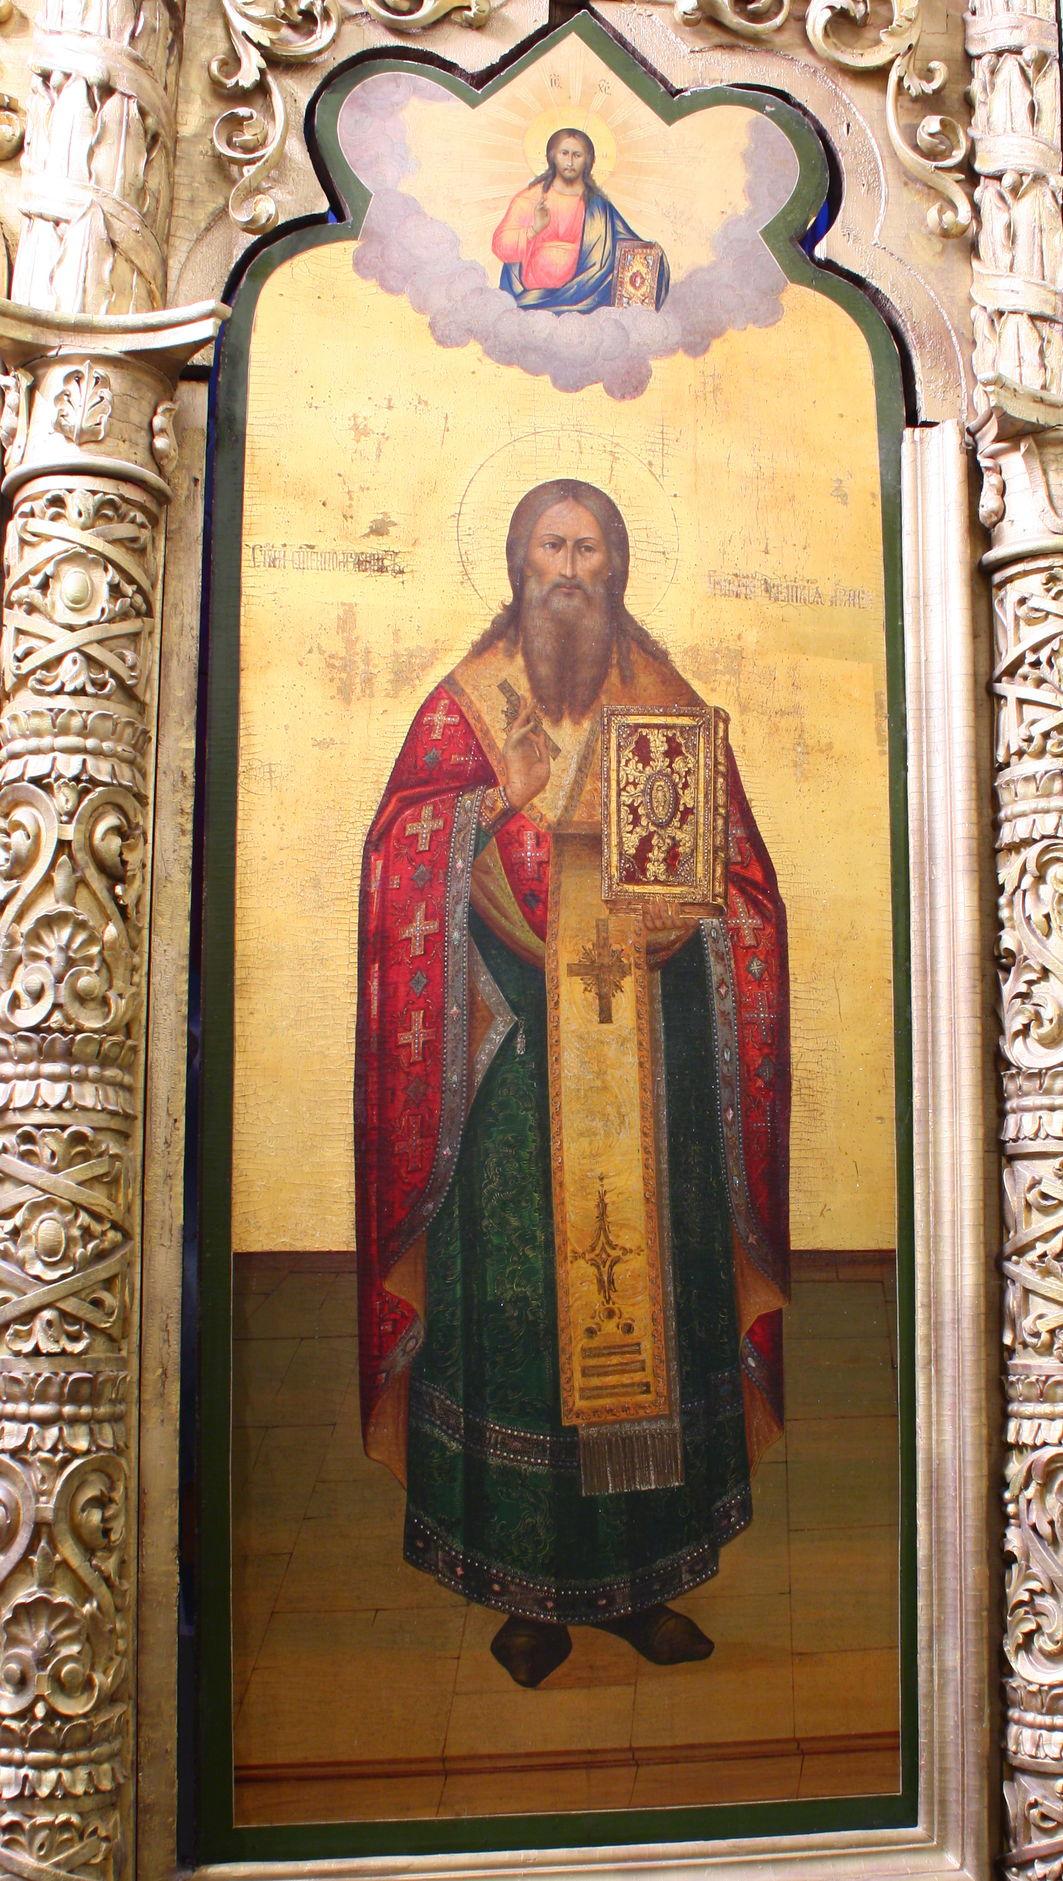 Святитель Григорий Армянский. Икона из иконостаса церкви Трёх патриархов Константинопольских